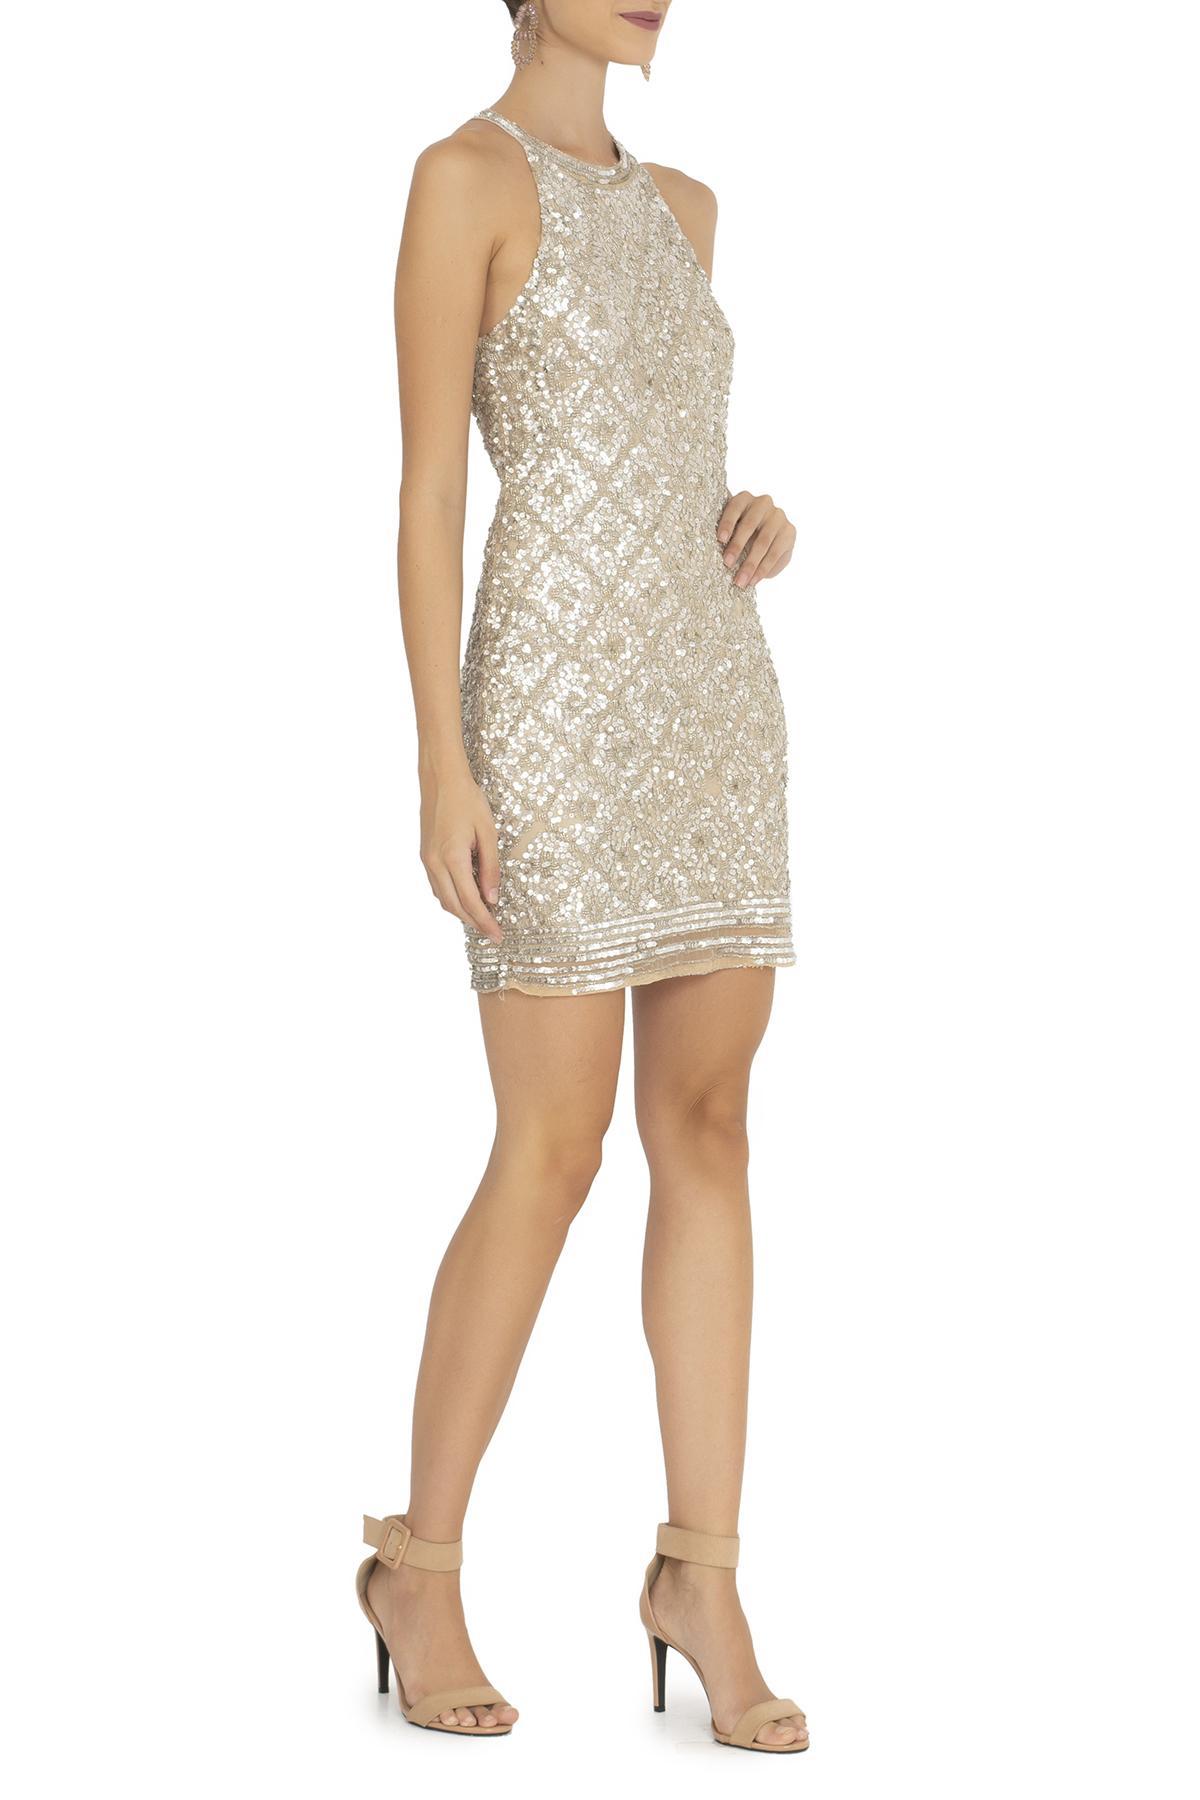 Vestido Carter Basic Collection